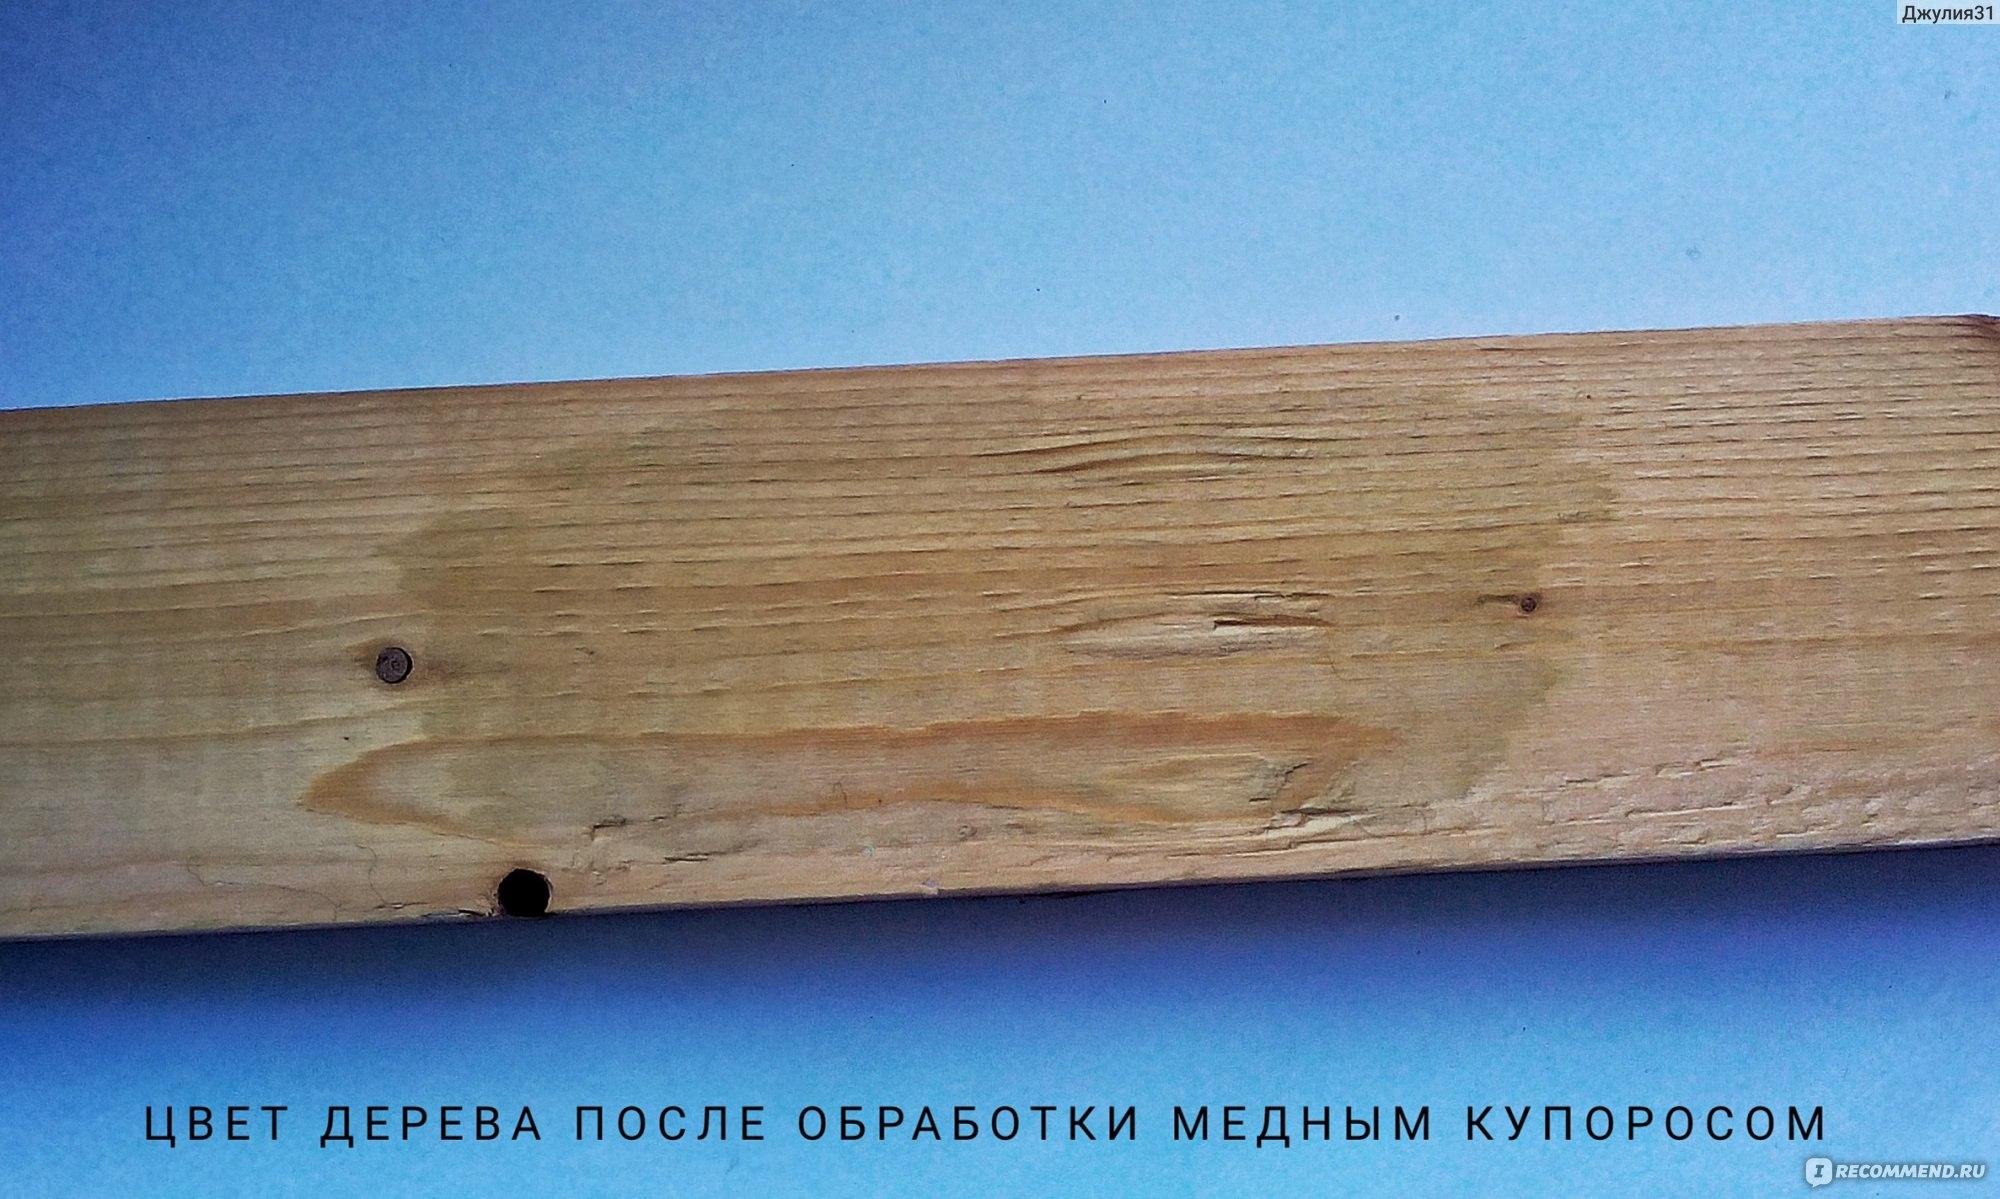 Обработка стен медным купоросом от плесени: зачистка поверхности и меры предосторожности